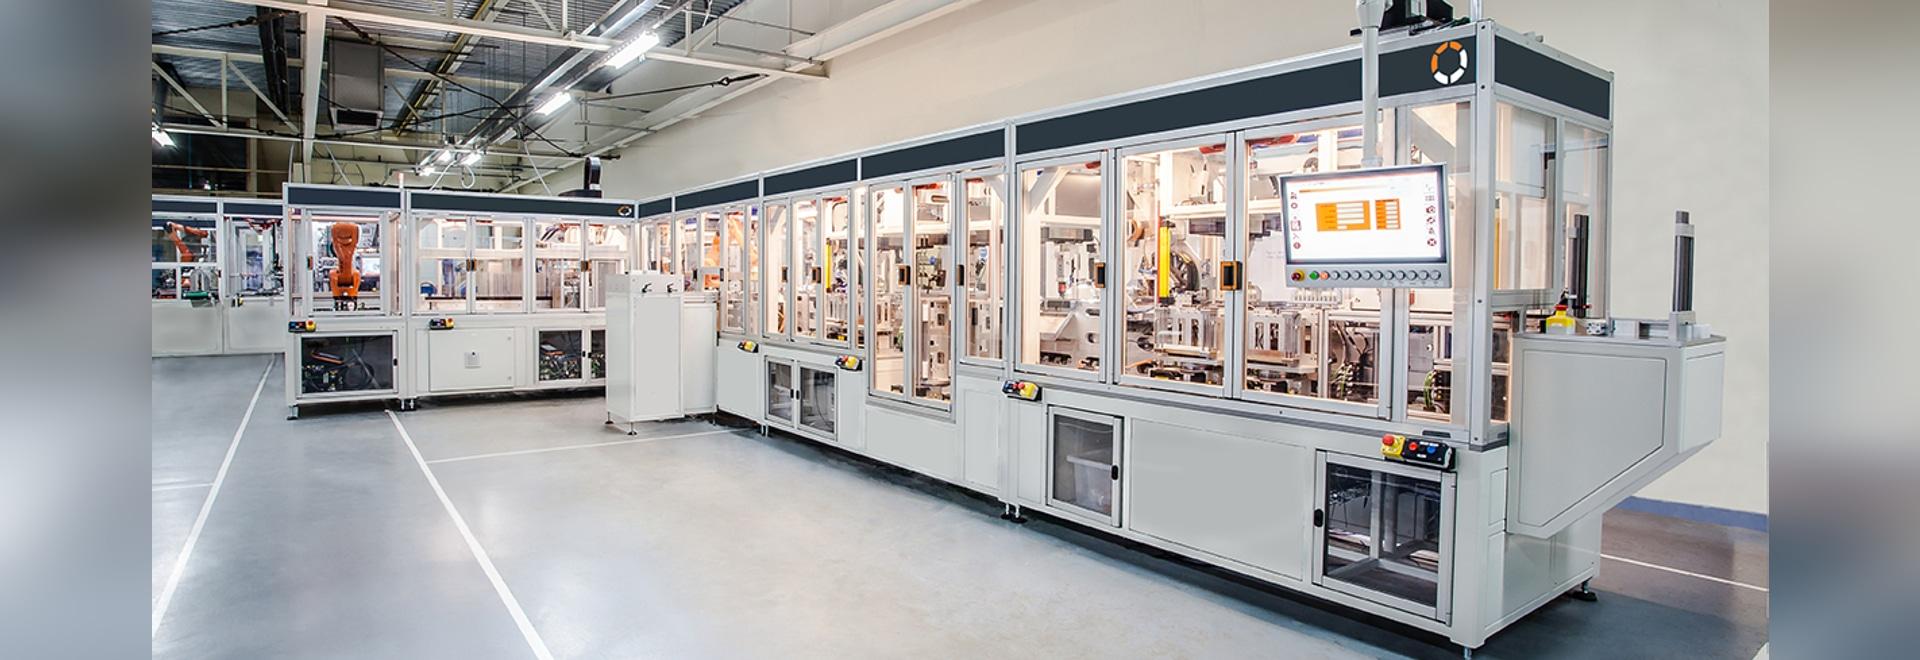 DesignPro production line